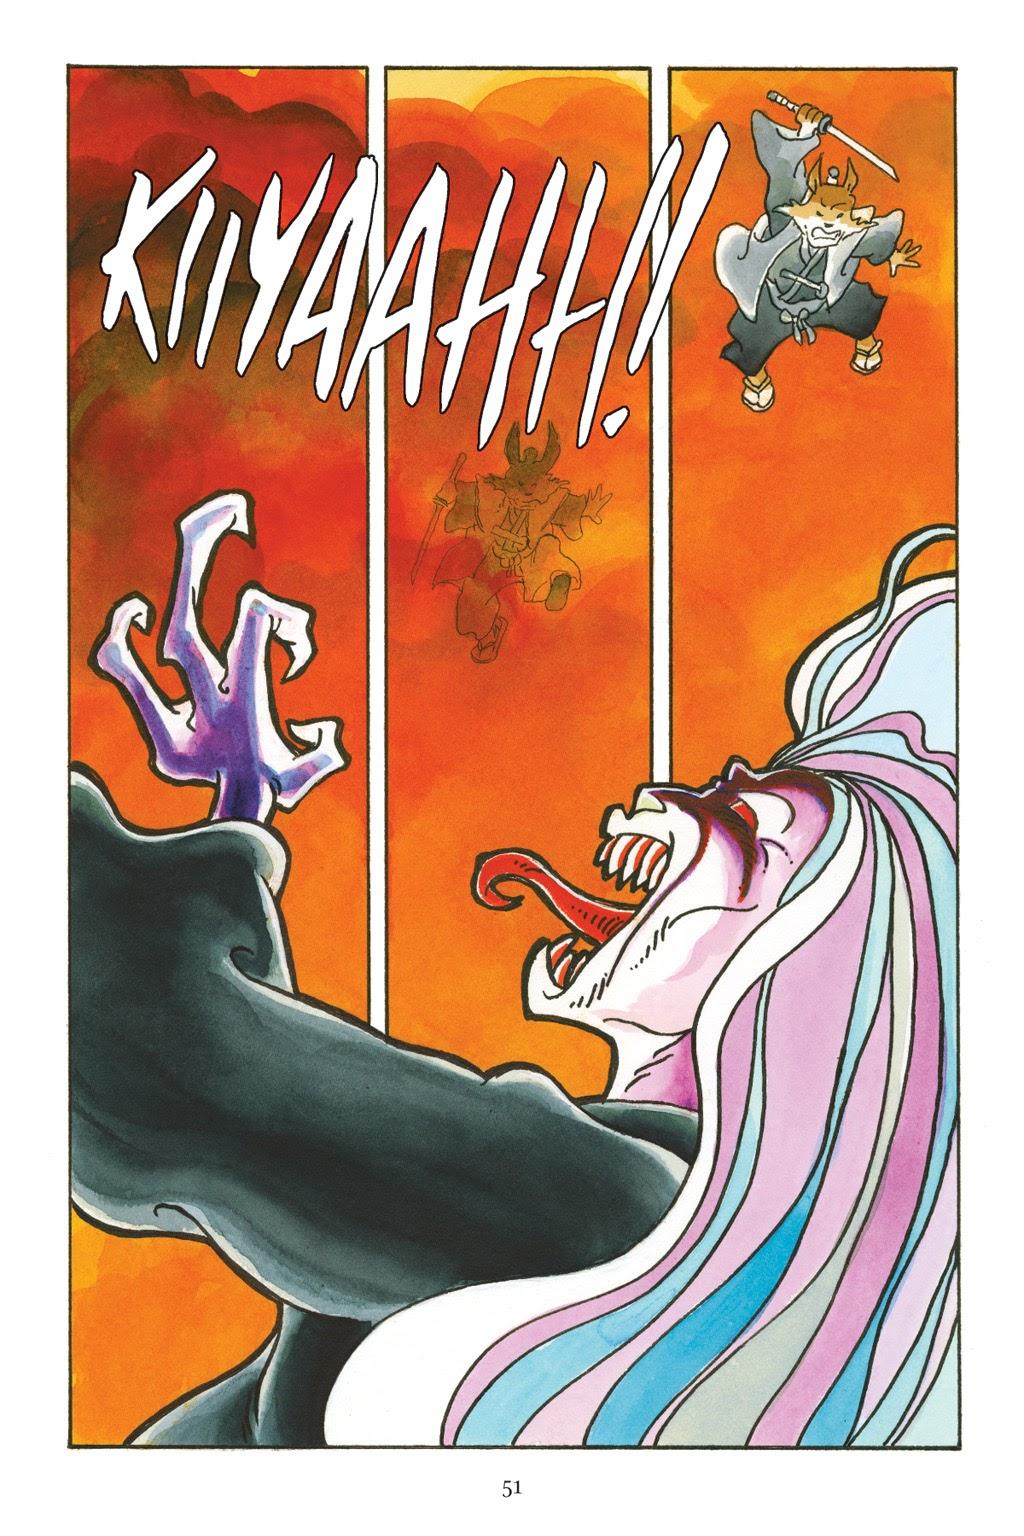 Read online Usagi Yojimbo: Yokai comic -  Issue # Full - 48